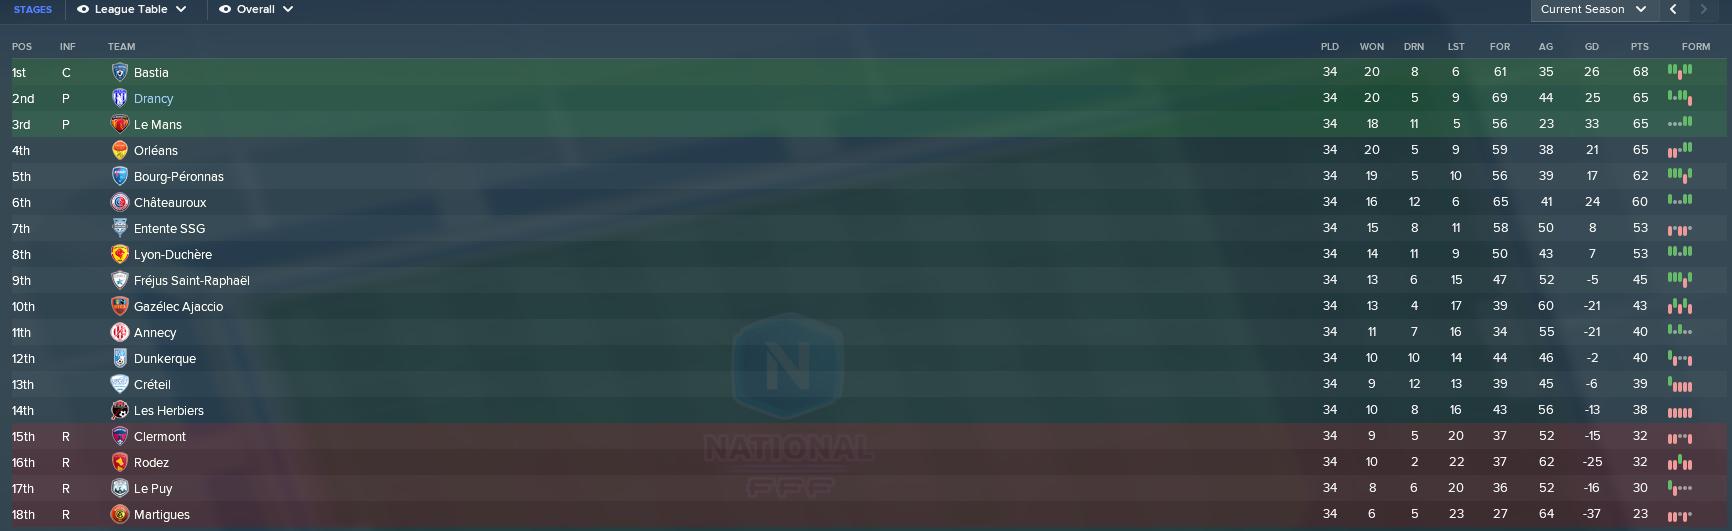 2022_final_league_table.png